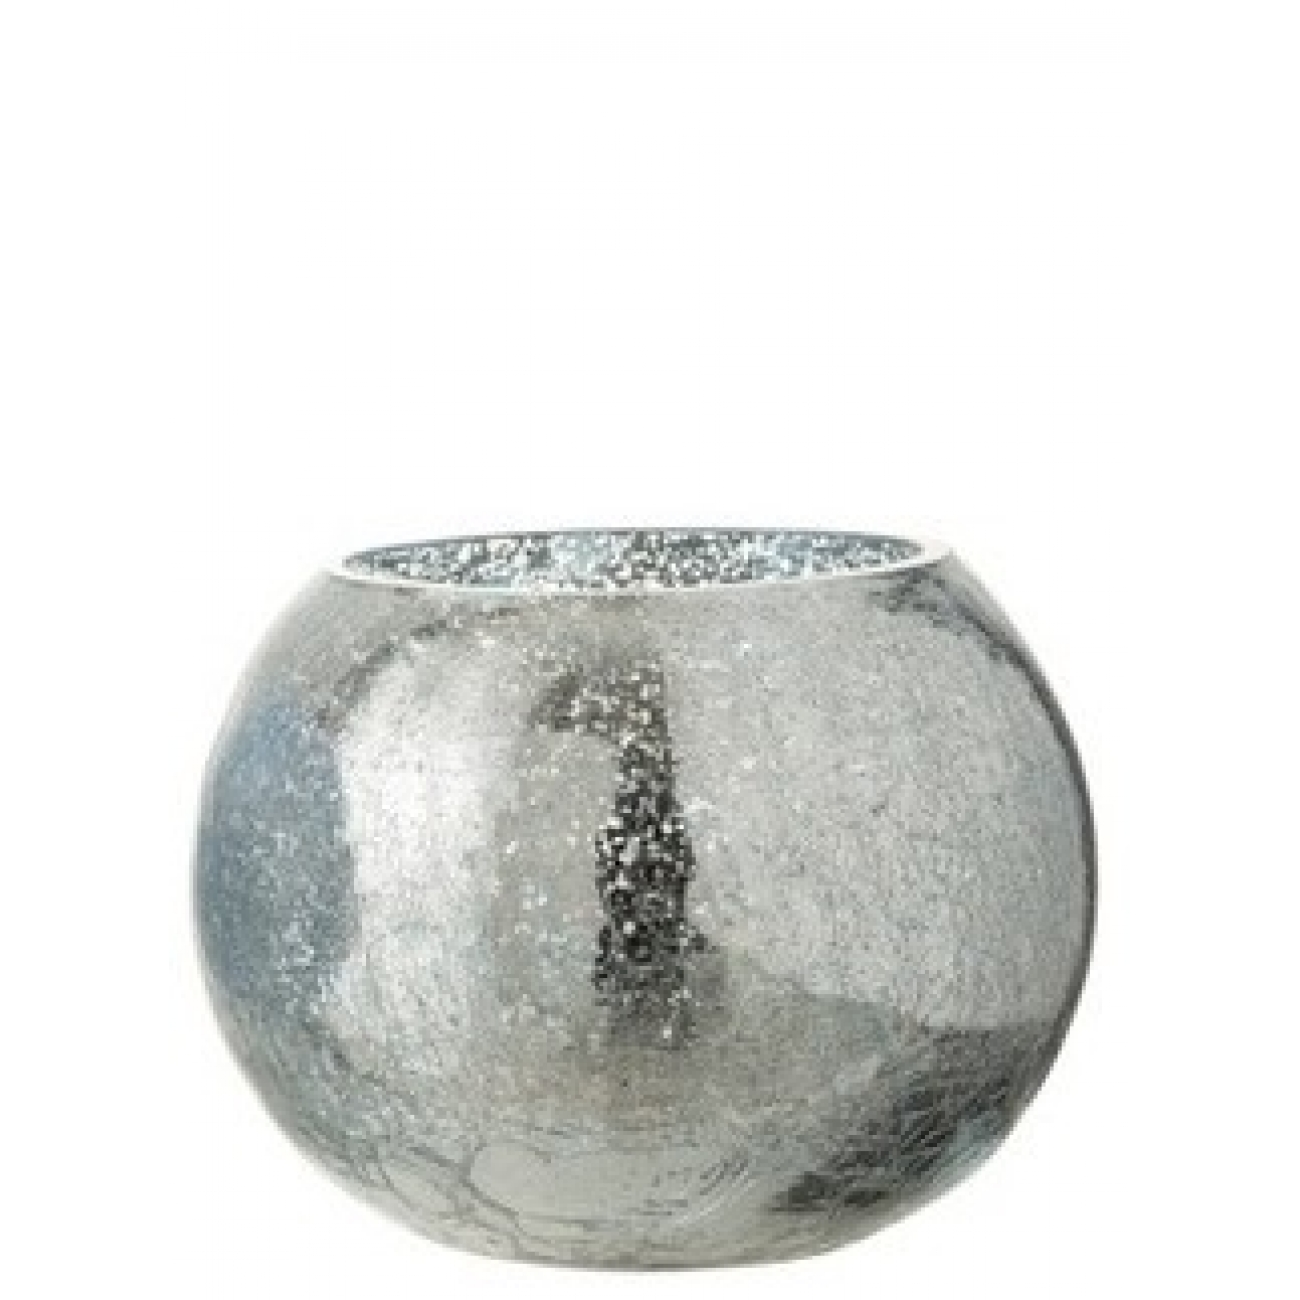 Подсвечник J-LINE стеклянный с эффектом разбитого стекла глянцевый синего цвета 15х15